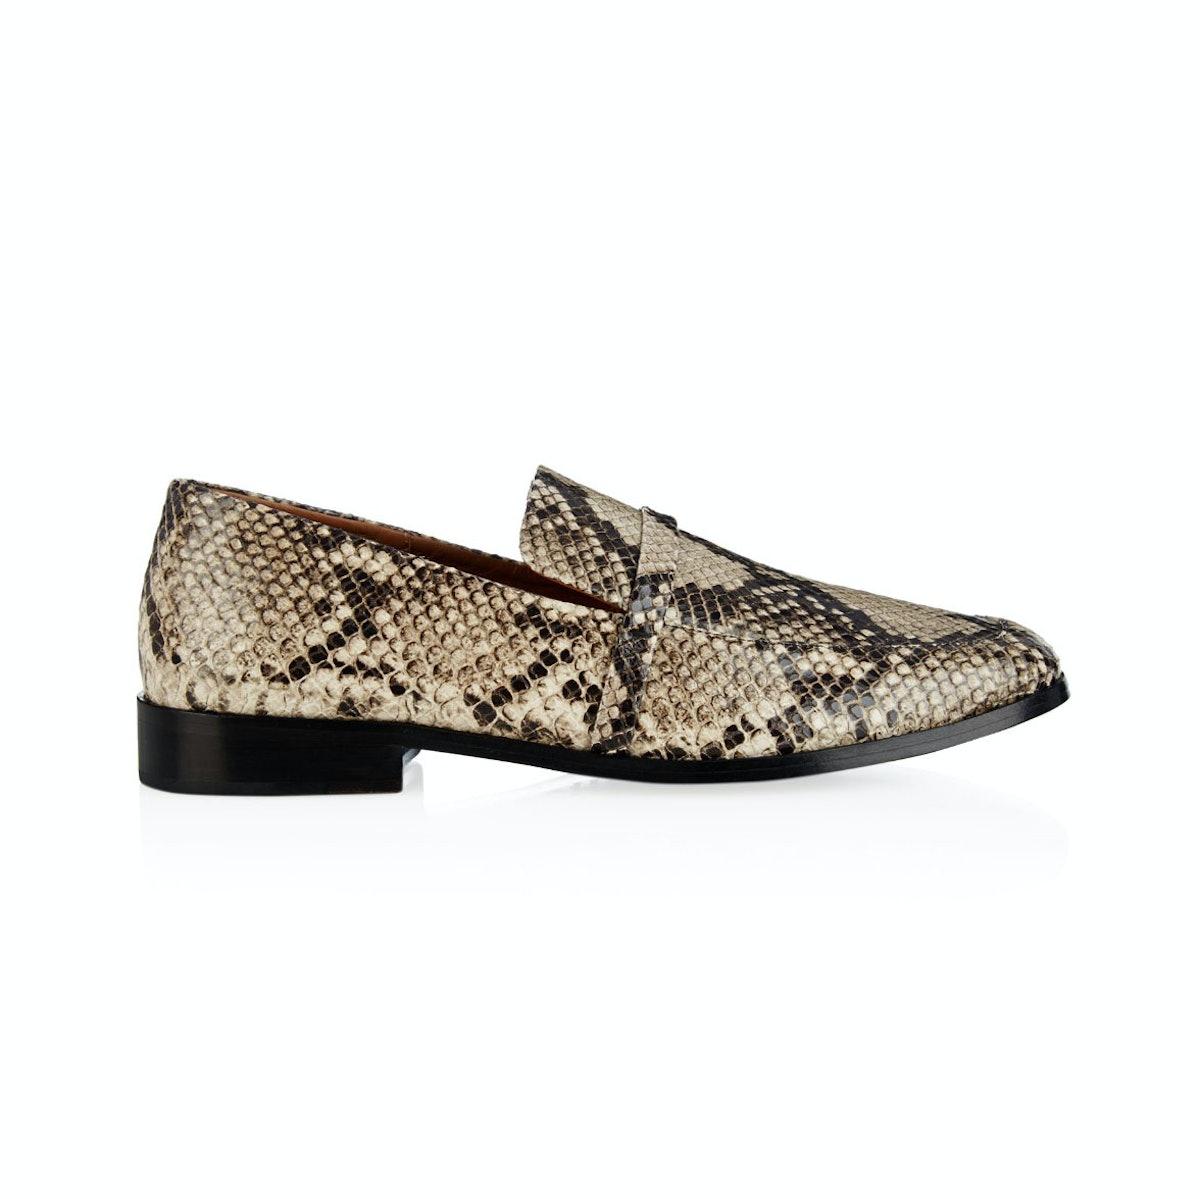 Newbark loafers